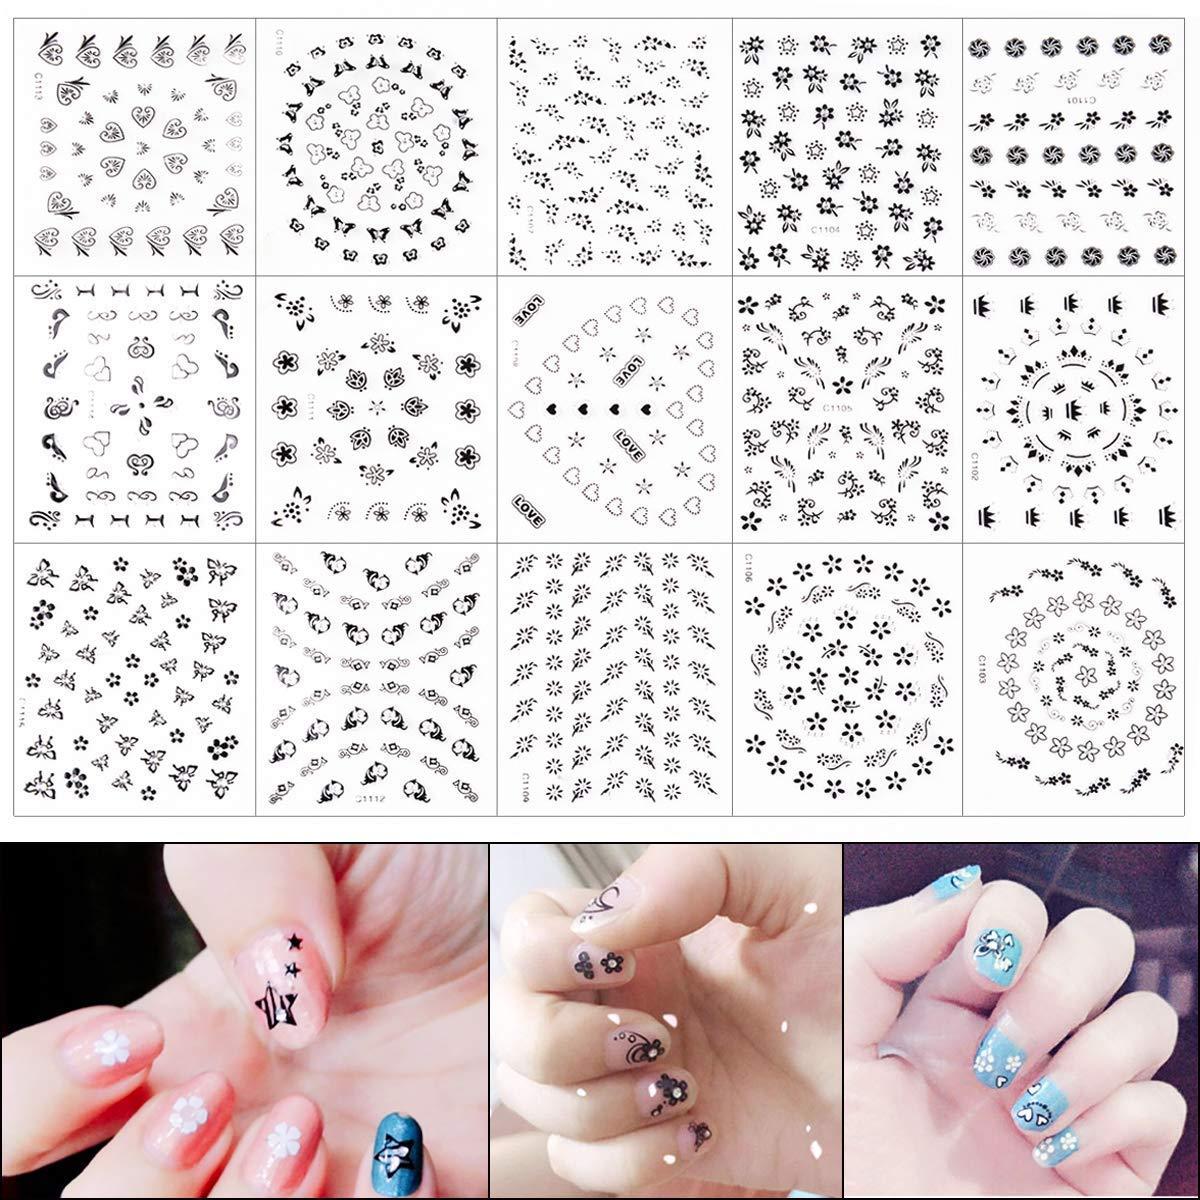 Pegatinas para Uñas, METALBAY 50 Hojas de 3D Arte Adhesivos de Uñas Etiquetas Engomadas del Clavo Decoración DIY de Manicura de Color Negro, Blanco, ...